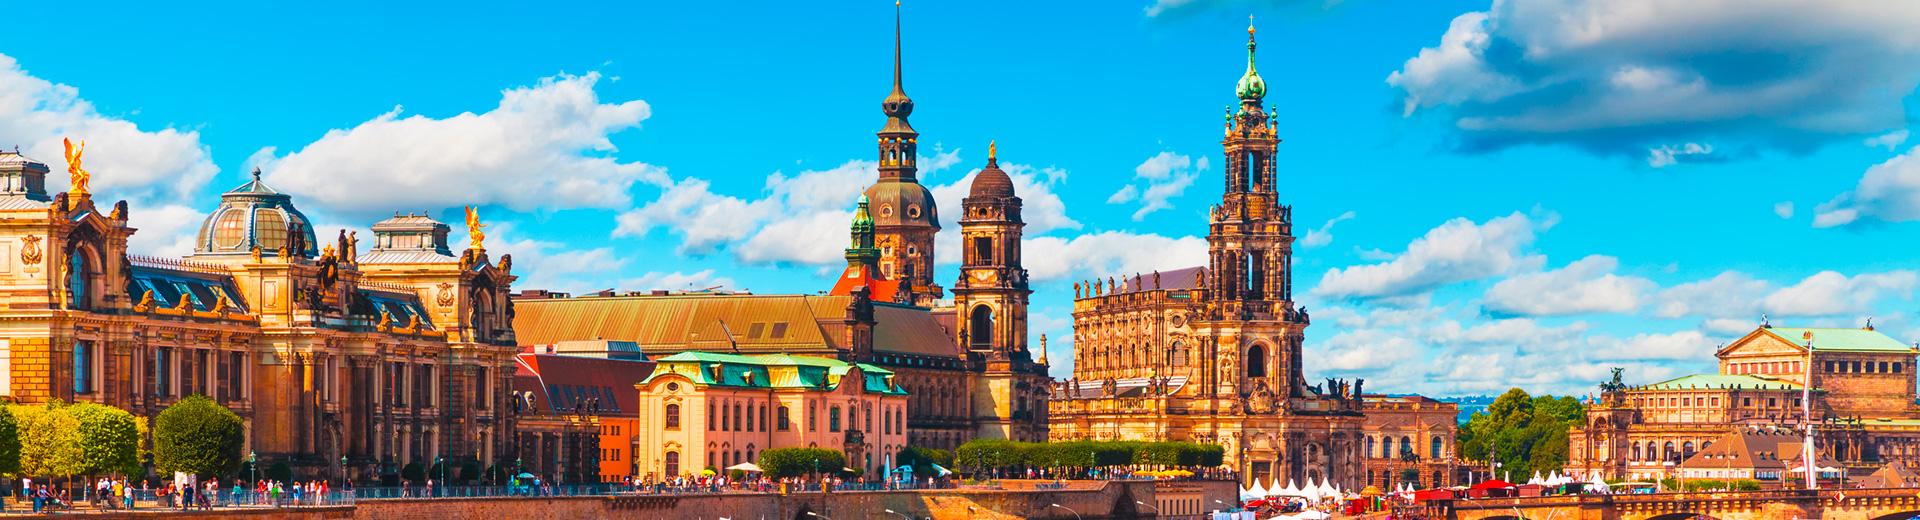 Escapade à Dresde